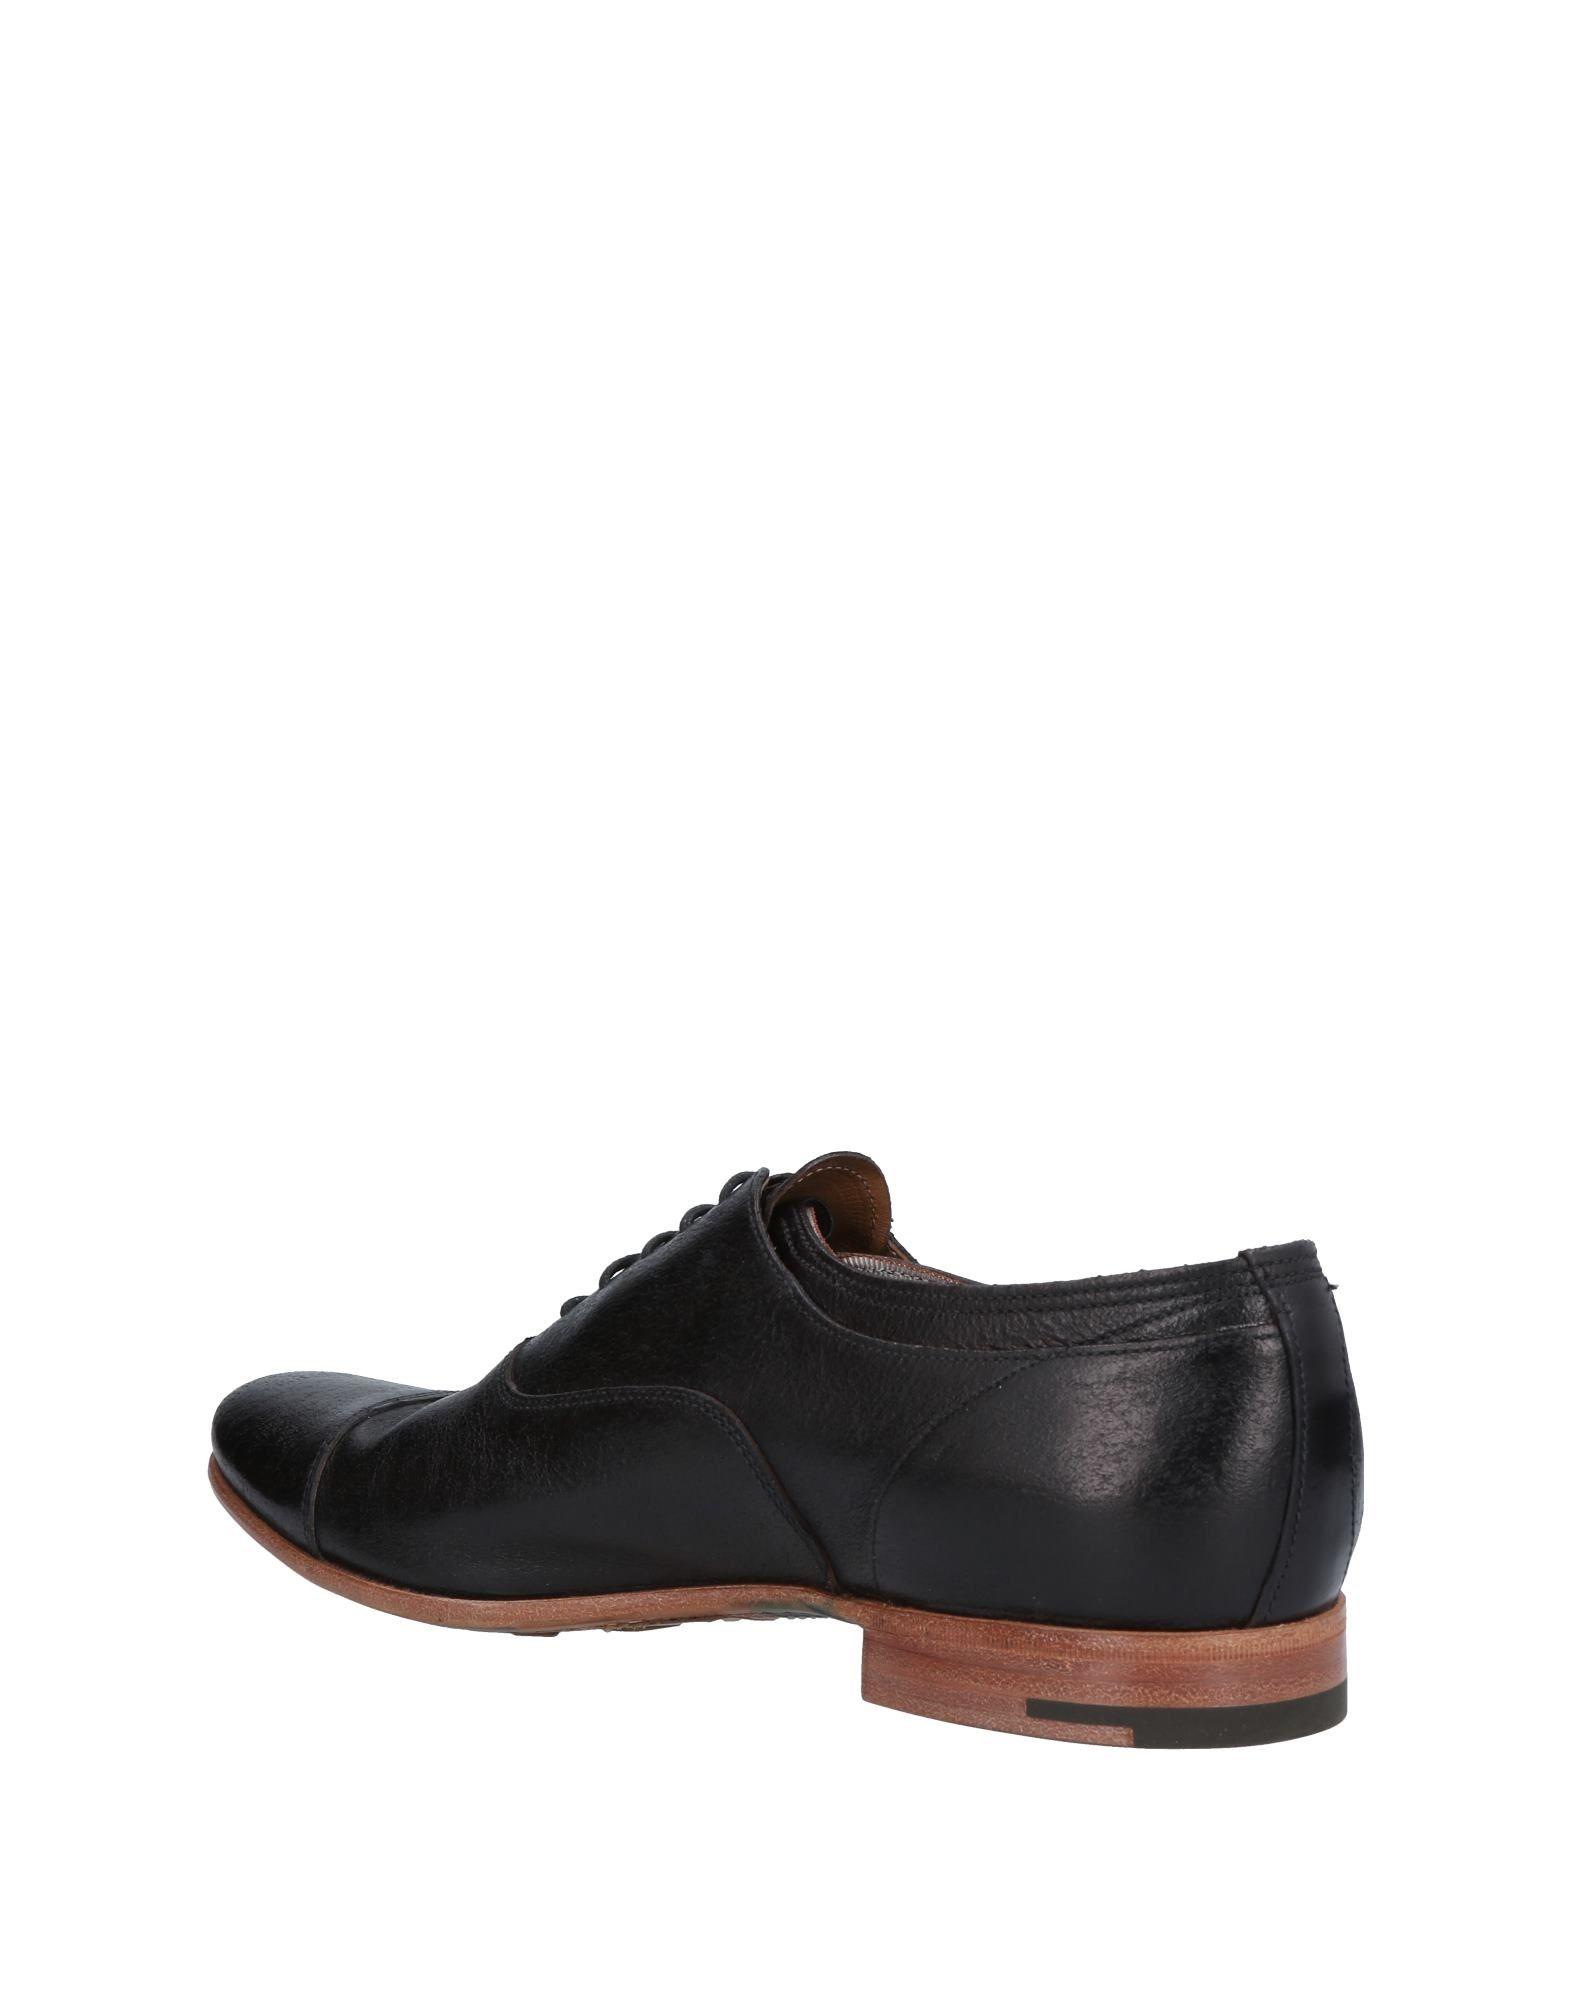 Premiata Schnürschuhe Herren  11433552DC Heiße Heiße Heiße Schuhe aa4e24